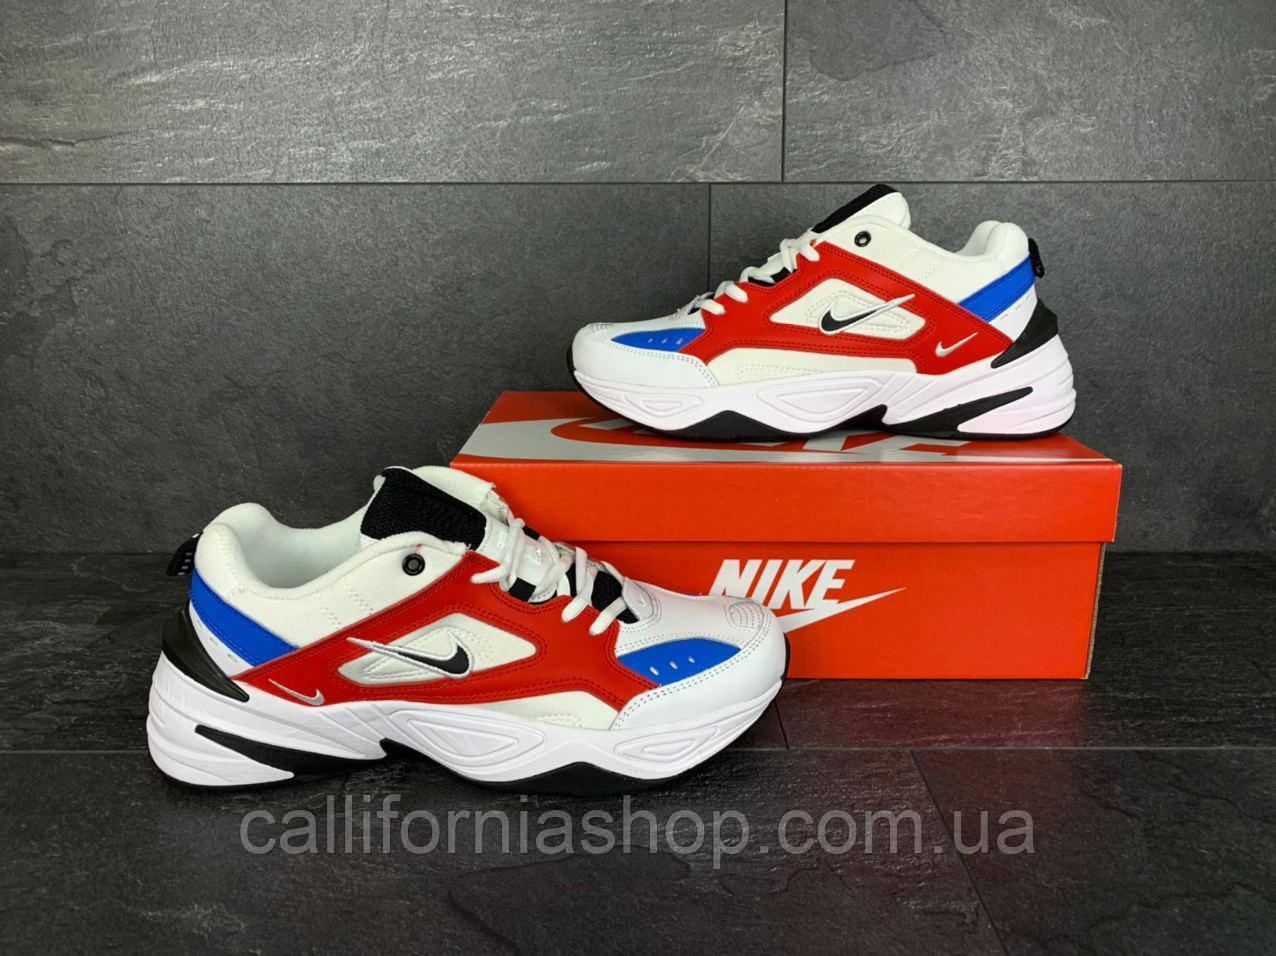 Кроссовки мужские Nike M2K Tekno цвет белый с красный и синим демисезонные